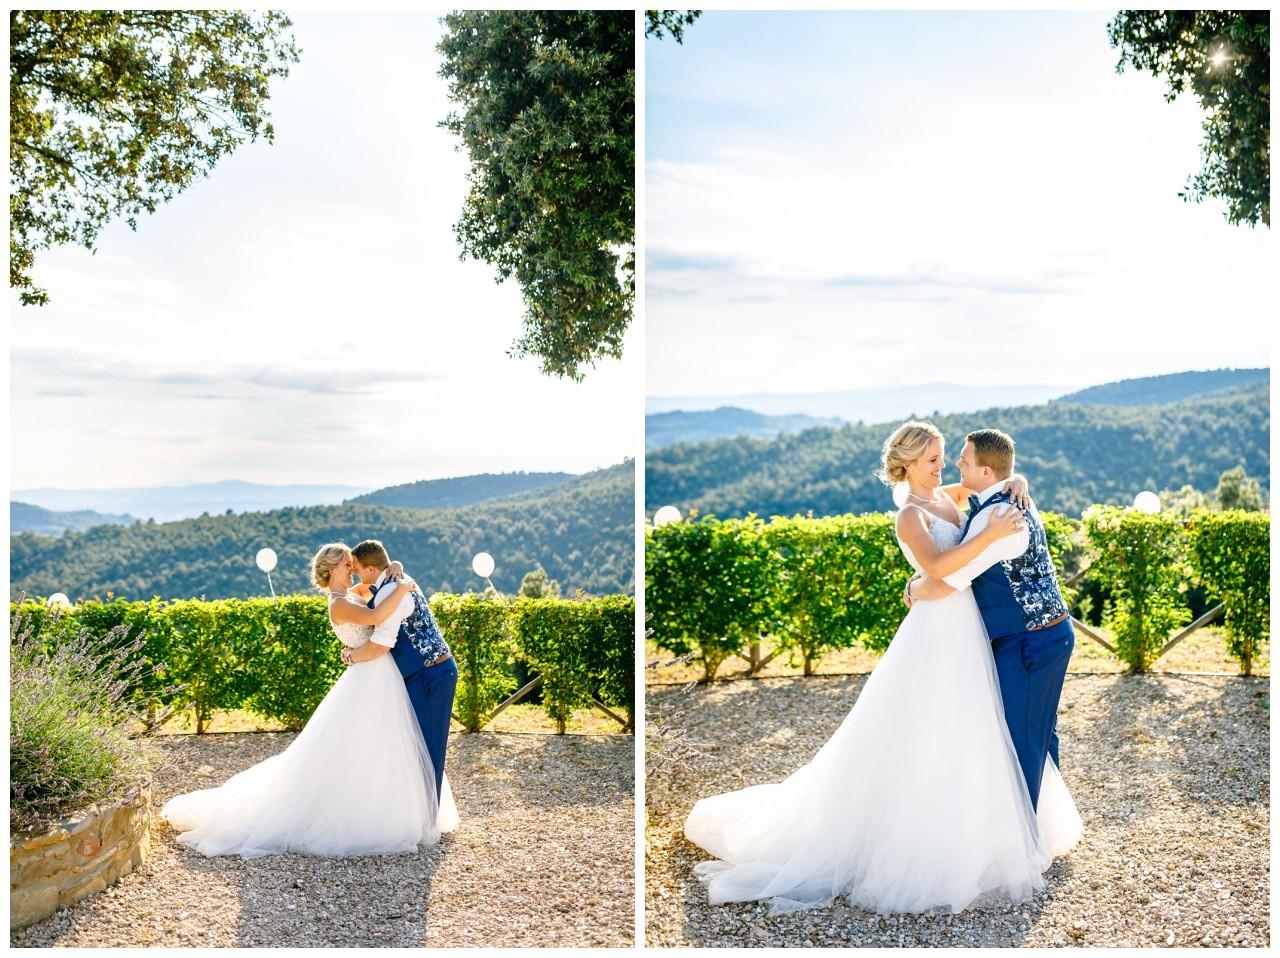 Hochzeit in Italien Hochzeitsfotograf Toskana Freie Trauung 67 - Hochzeit in Italien